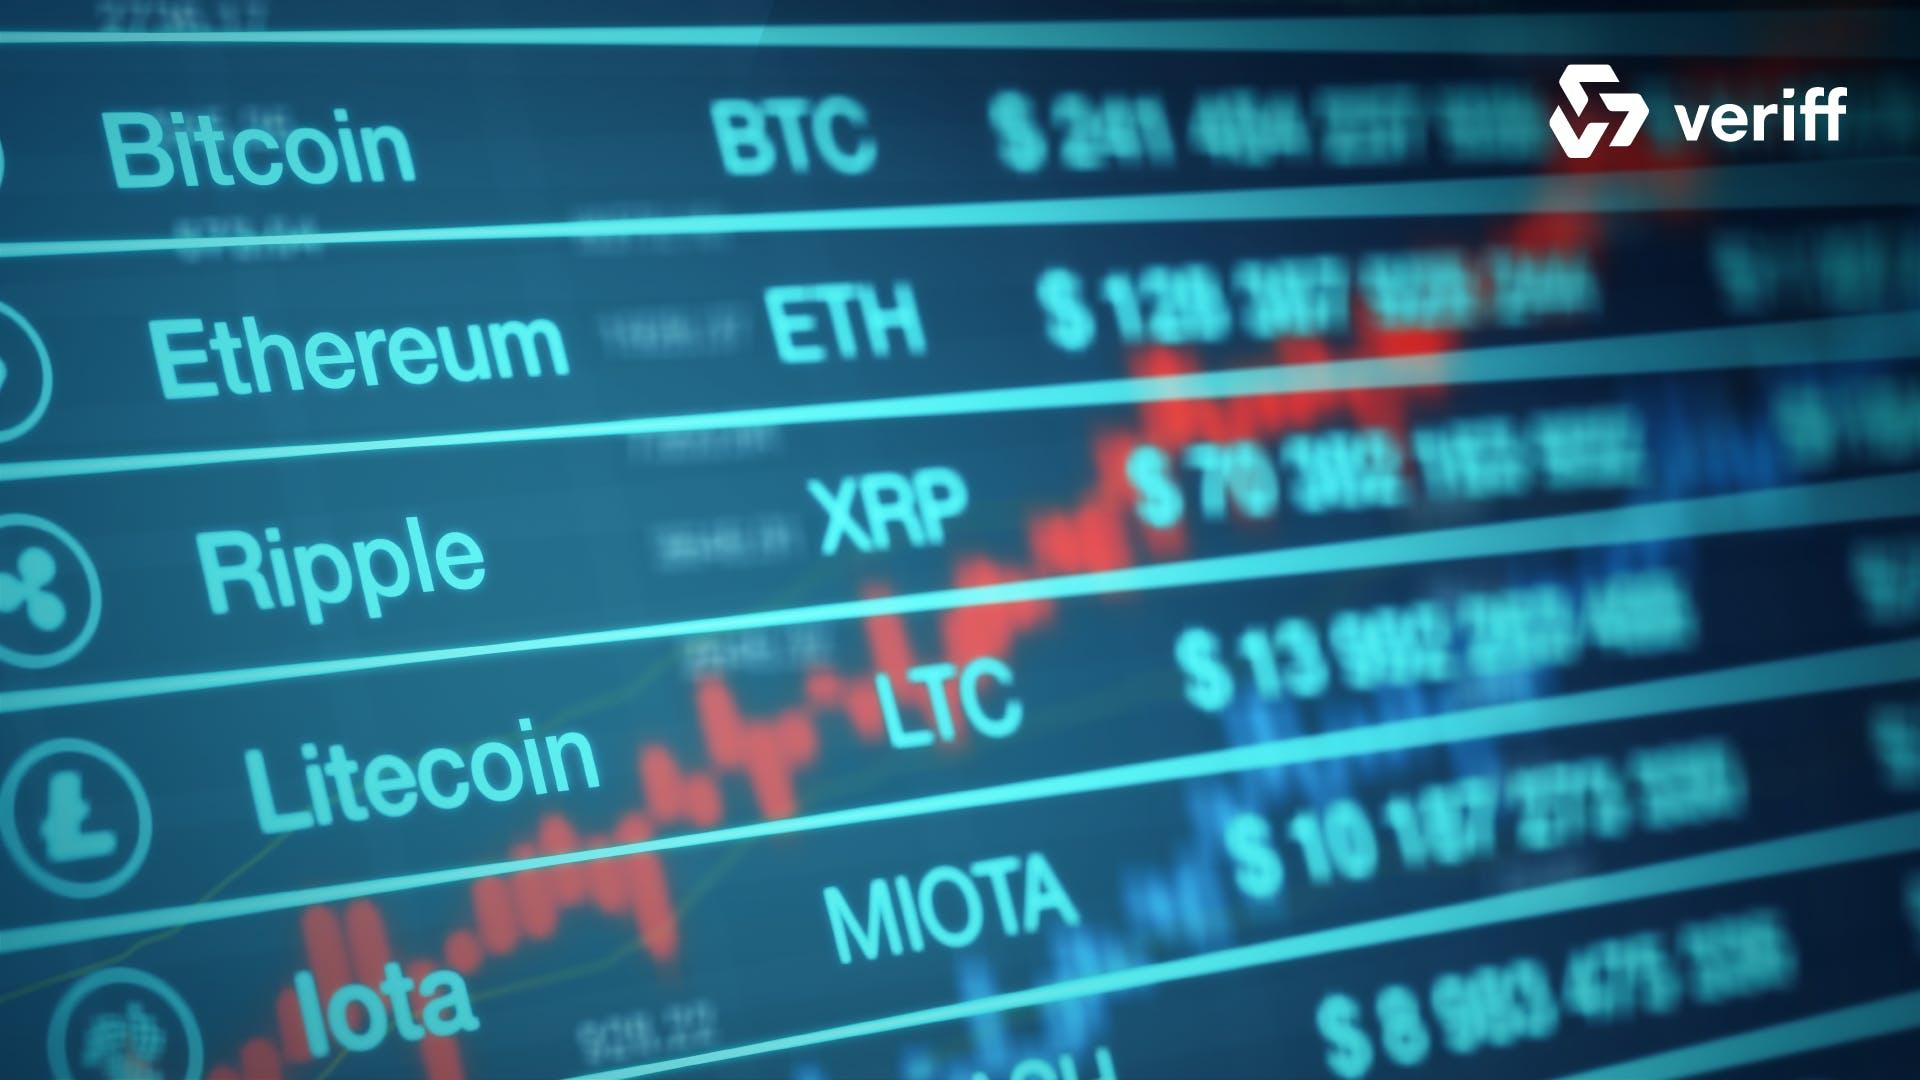 Konvertuoti Bitcoins (BTC) ir Ripples (XRP) : Valiuta valiutų keitimo kurso skaičiuoklė